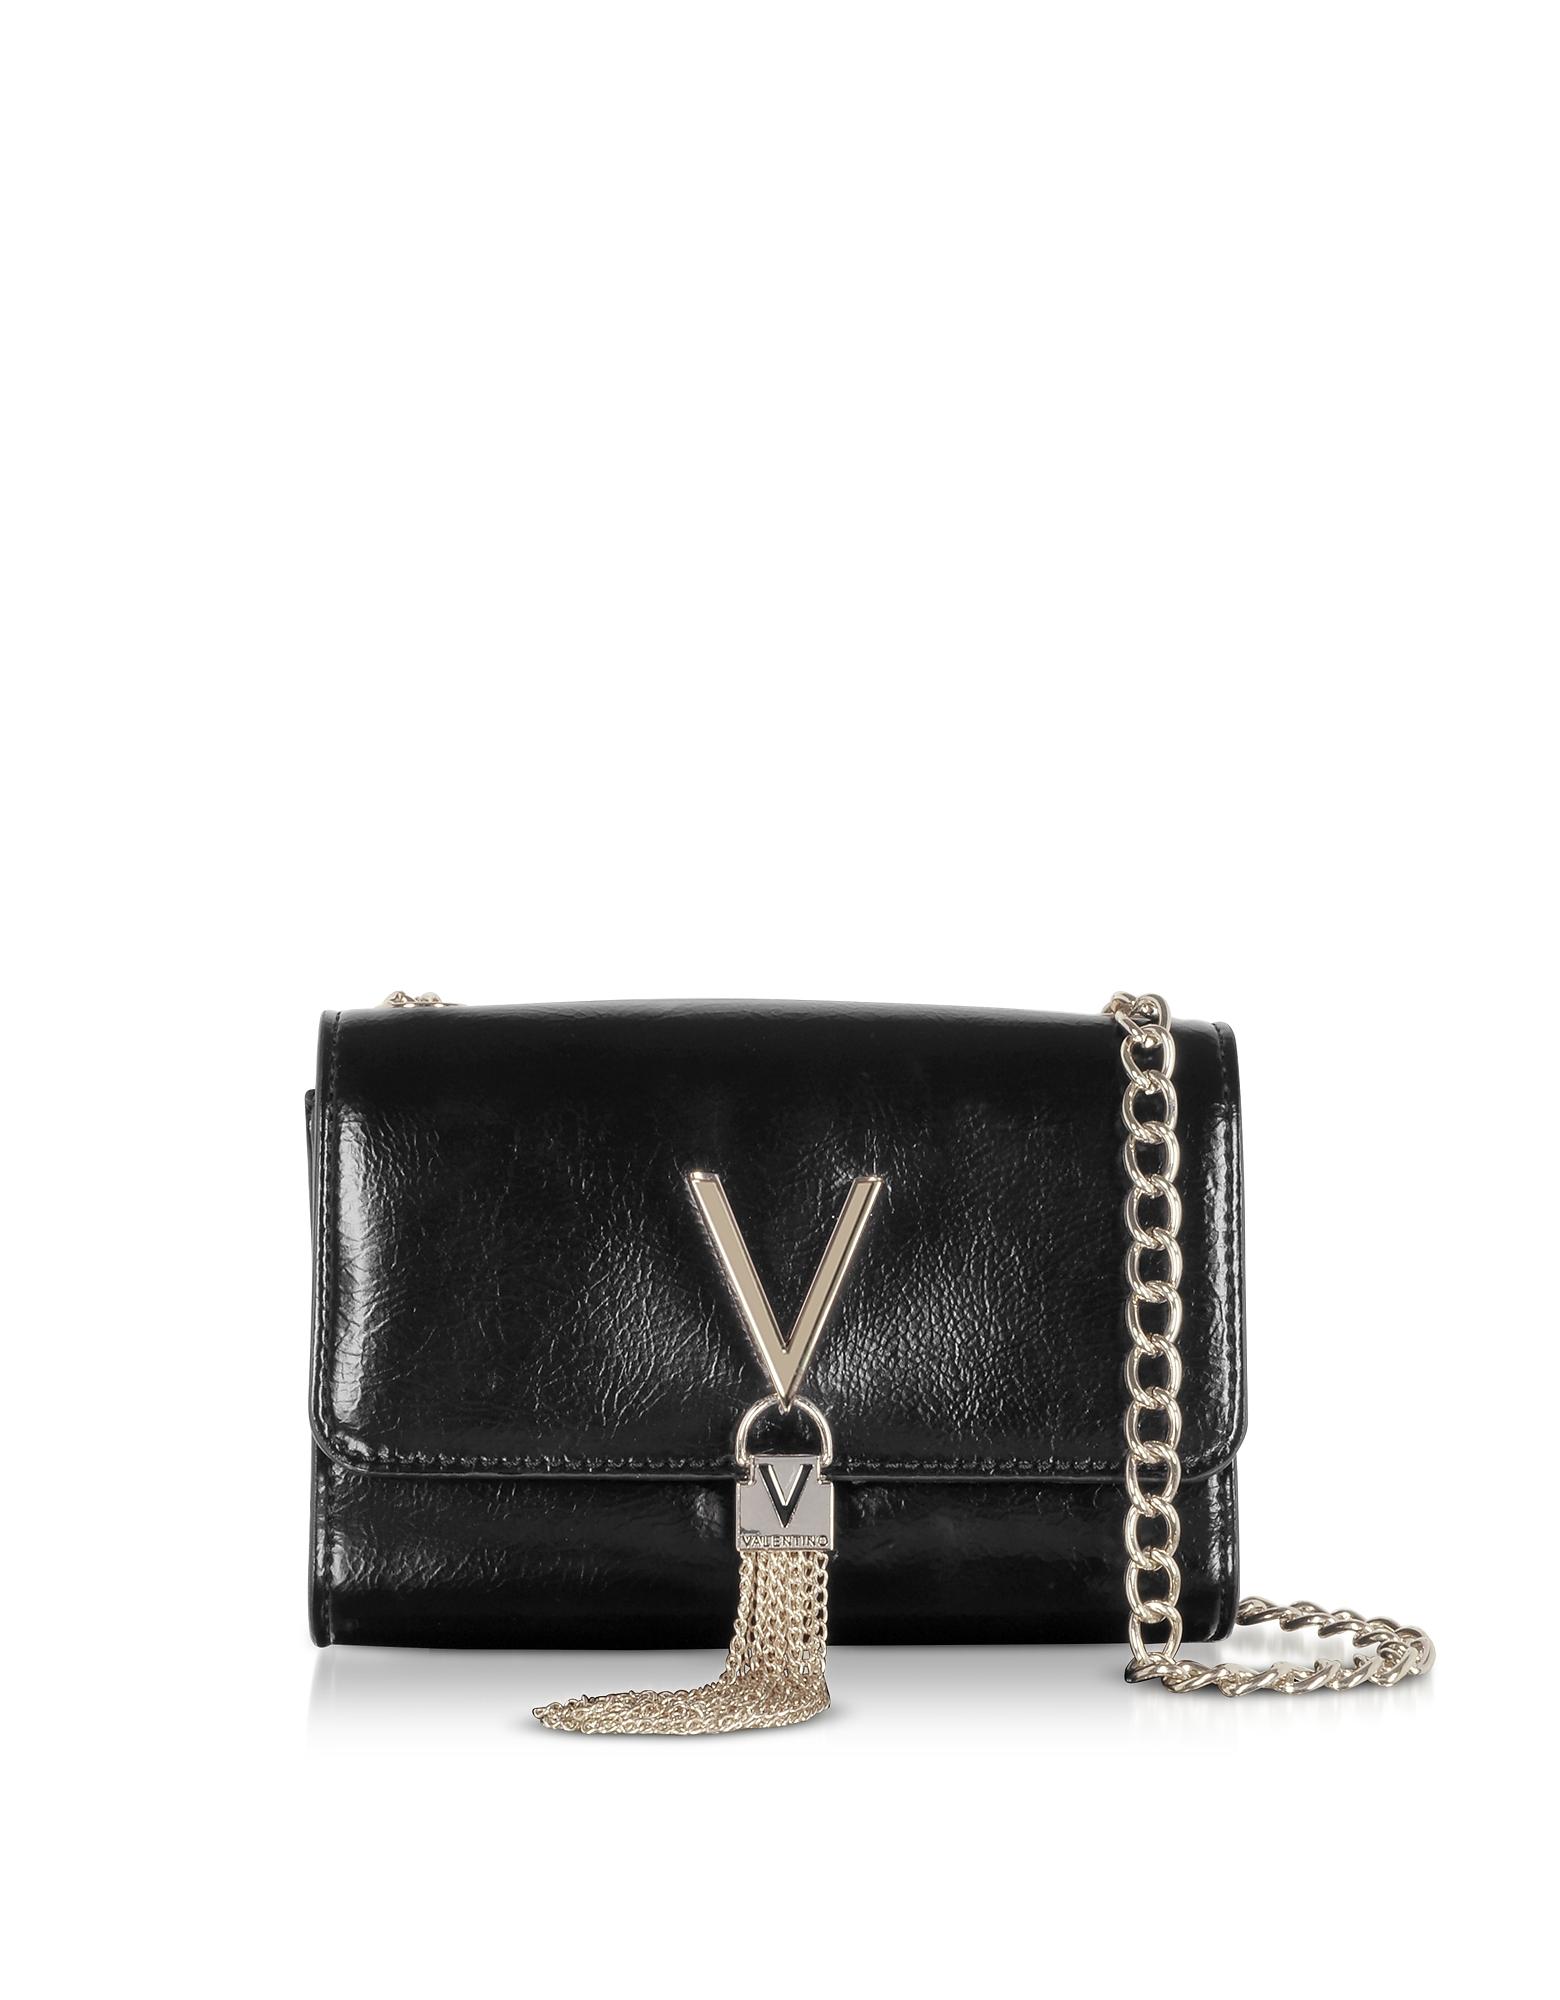 Oboe Shiny Eco Leather Shoulder Bag